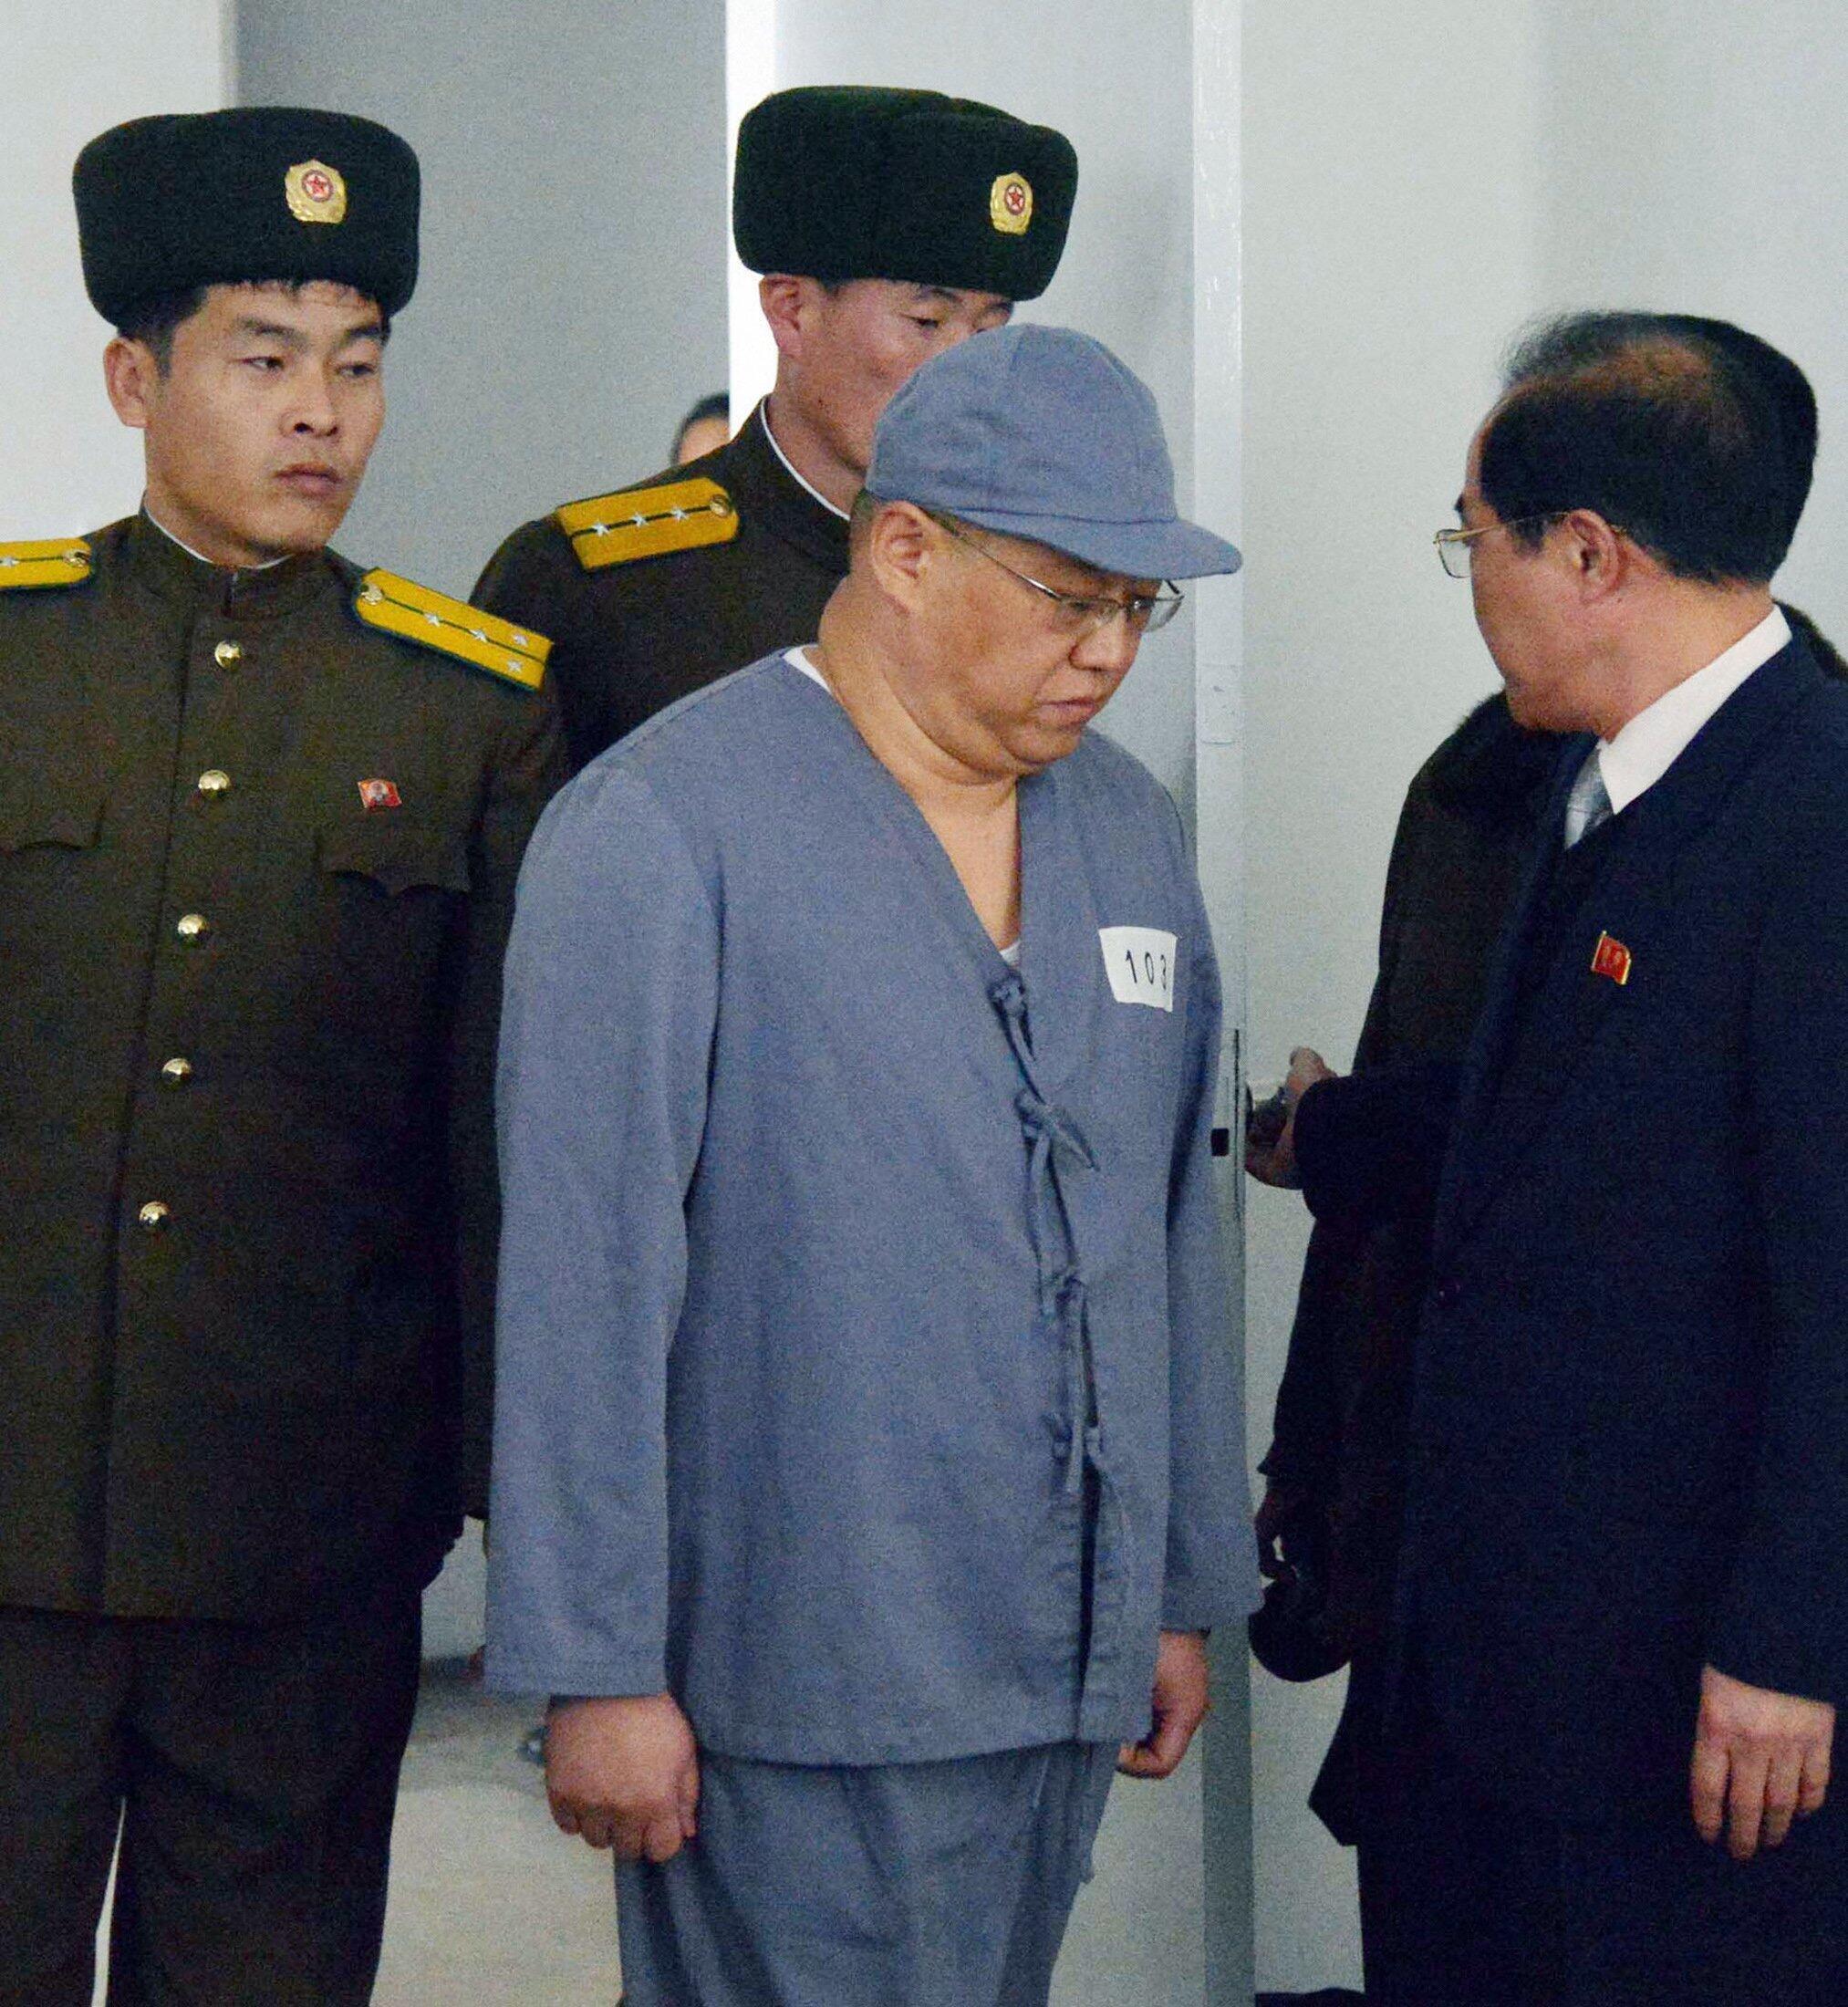 Tù nhân Kenneth Bae hy vọng chính phủ Mỹ gửi đặc sứ đến Bắc Triều Tiên để ông sớm đoàn tụ với gia đình - REUTERS